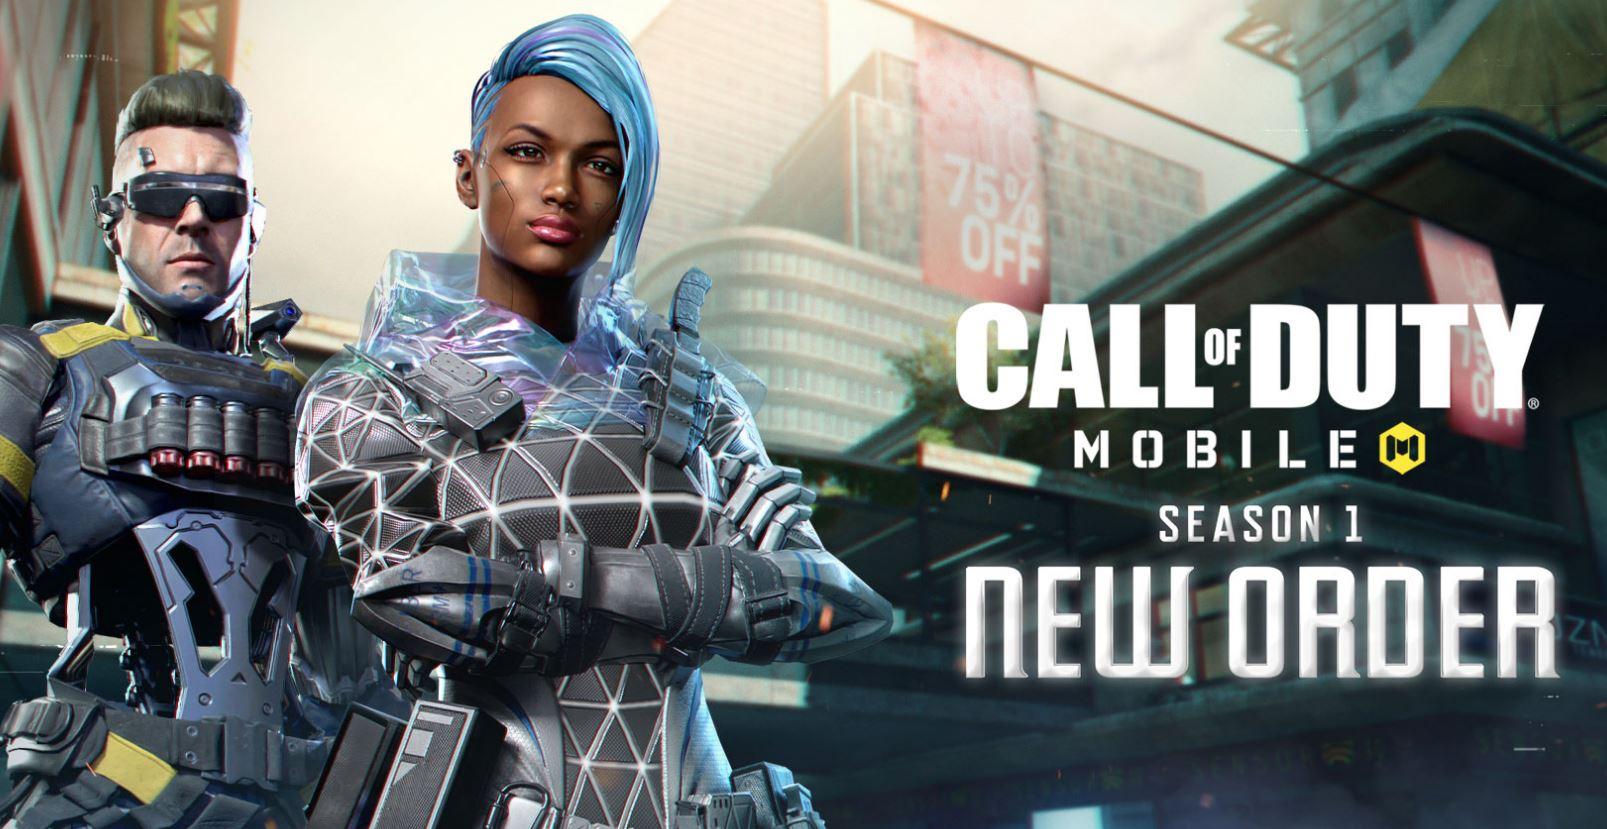 Actvision | Temporada 1: Nova Ordem chega em Call of Duty Mobile